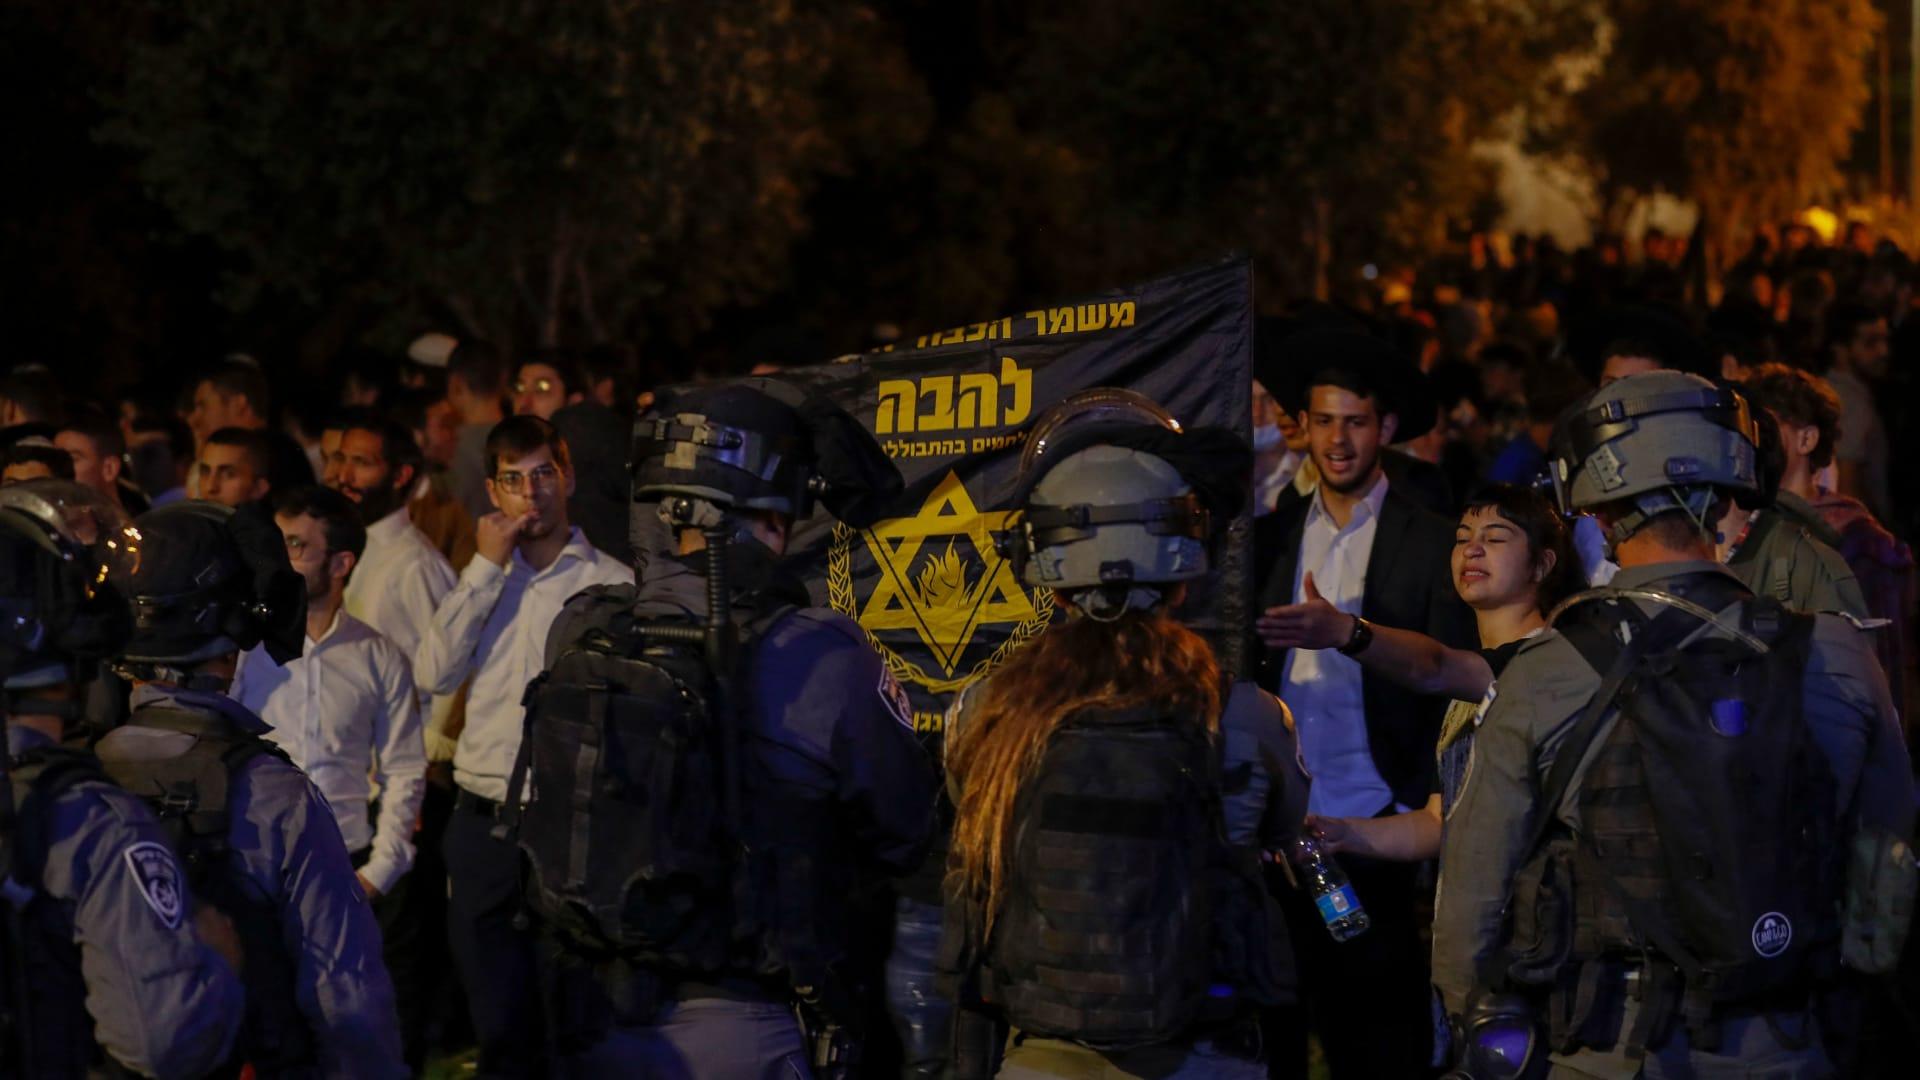 اشتباكات بين فلسطينيين والشرطة الإسرائيلية في القدس